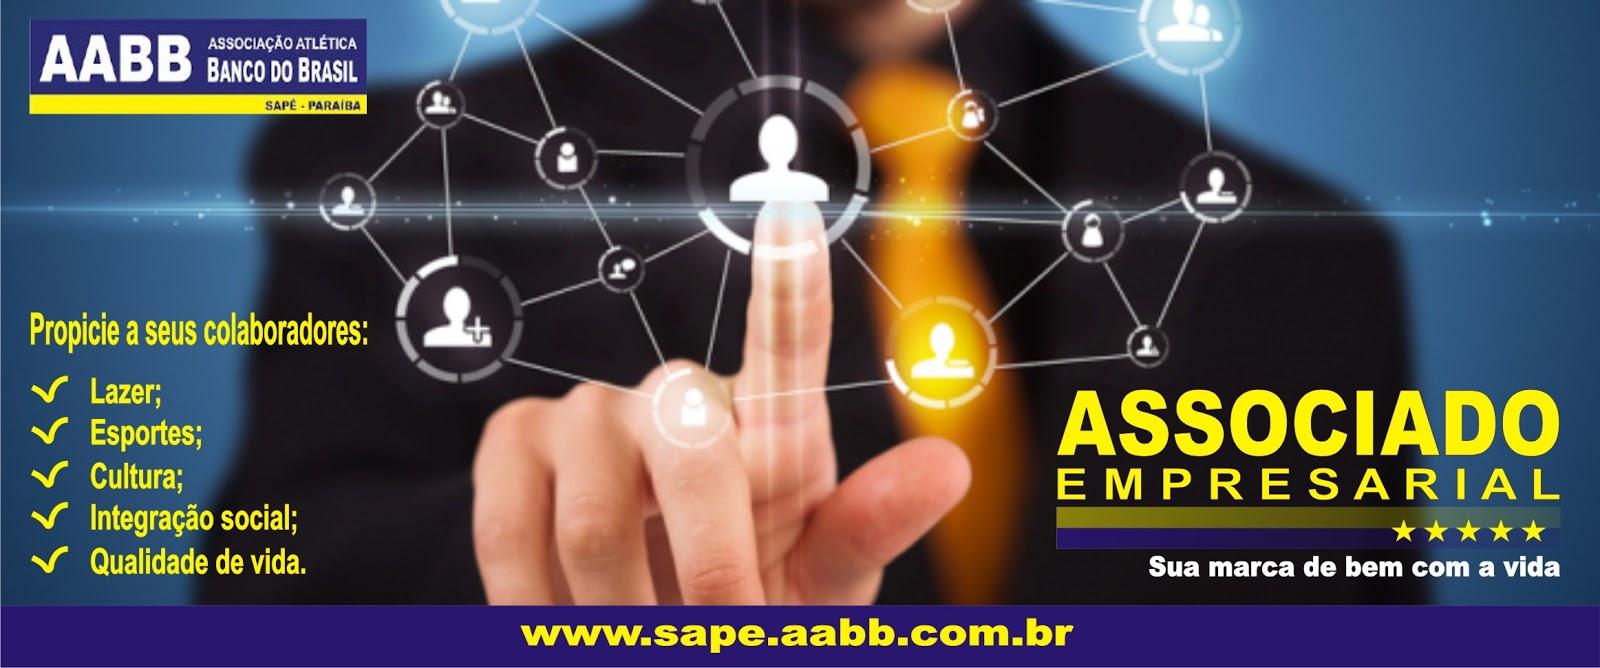 ASSOCIADO EMPRESARIAL - Clique e associe sua empresa